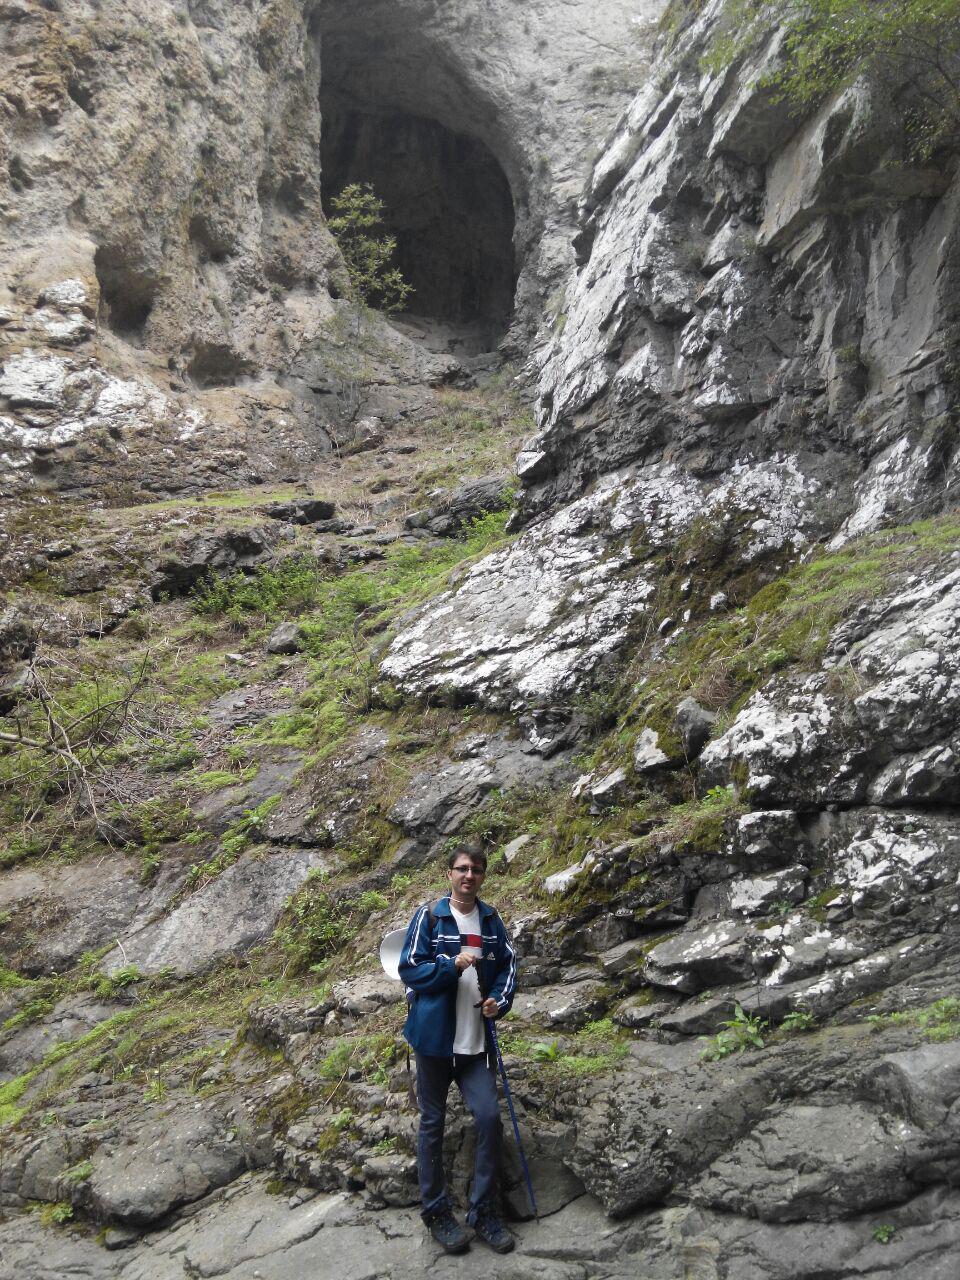 غارهای بزرگ و پناه گاهی امن